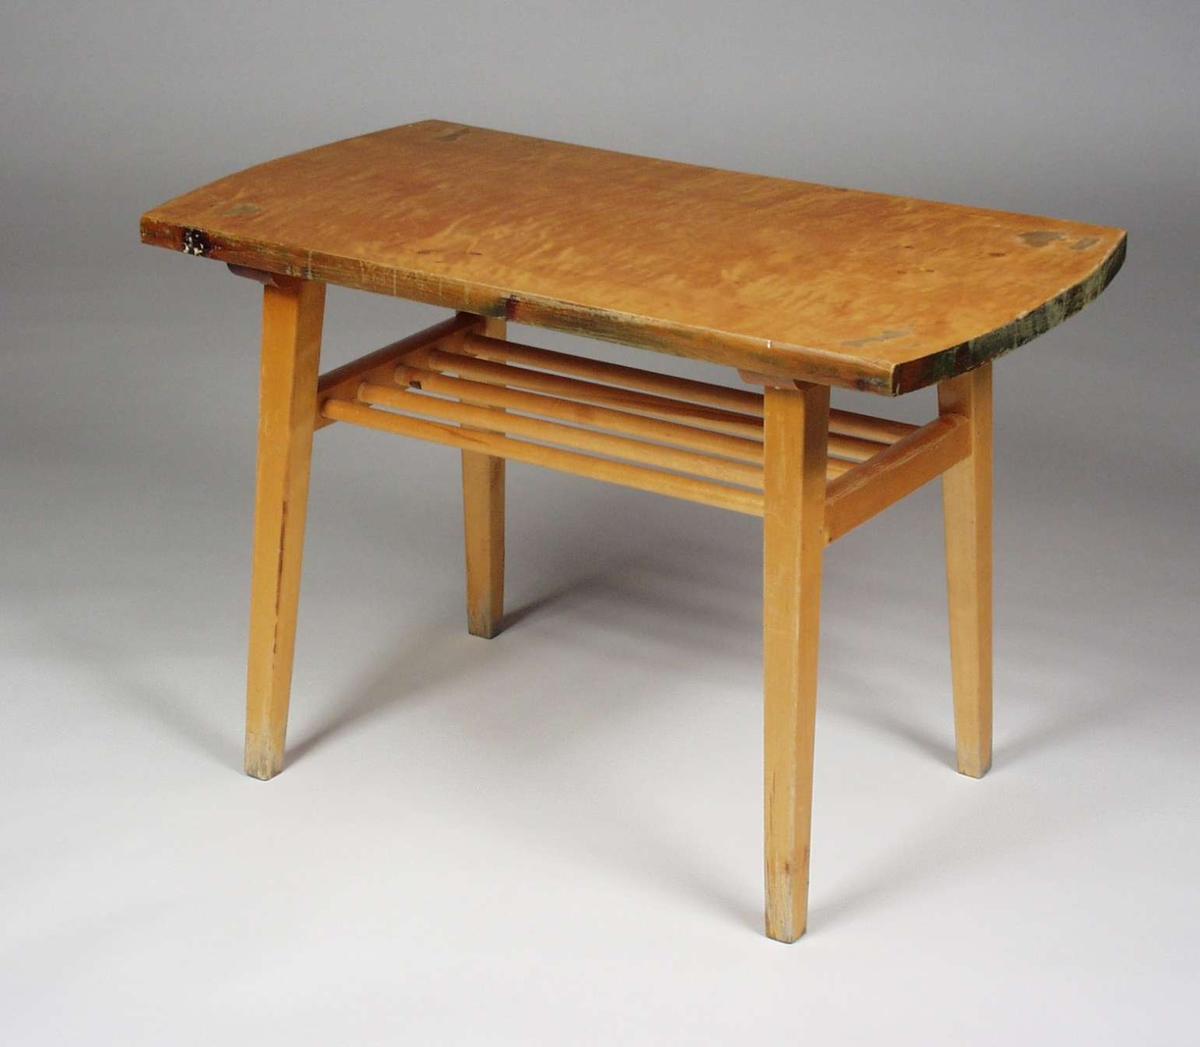 Et lakkert bord i furu og bjørk. Det har en hylle med sprinkler og bordplaten er finért.